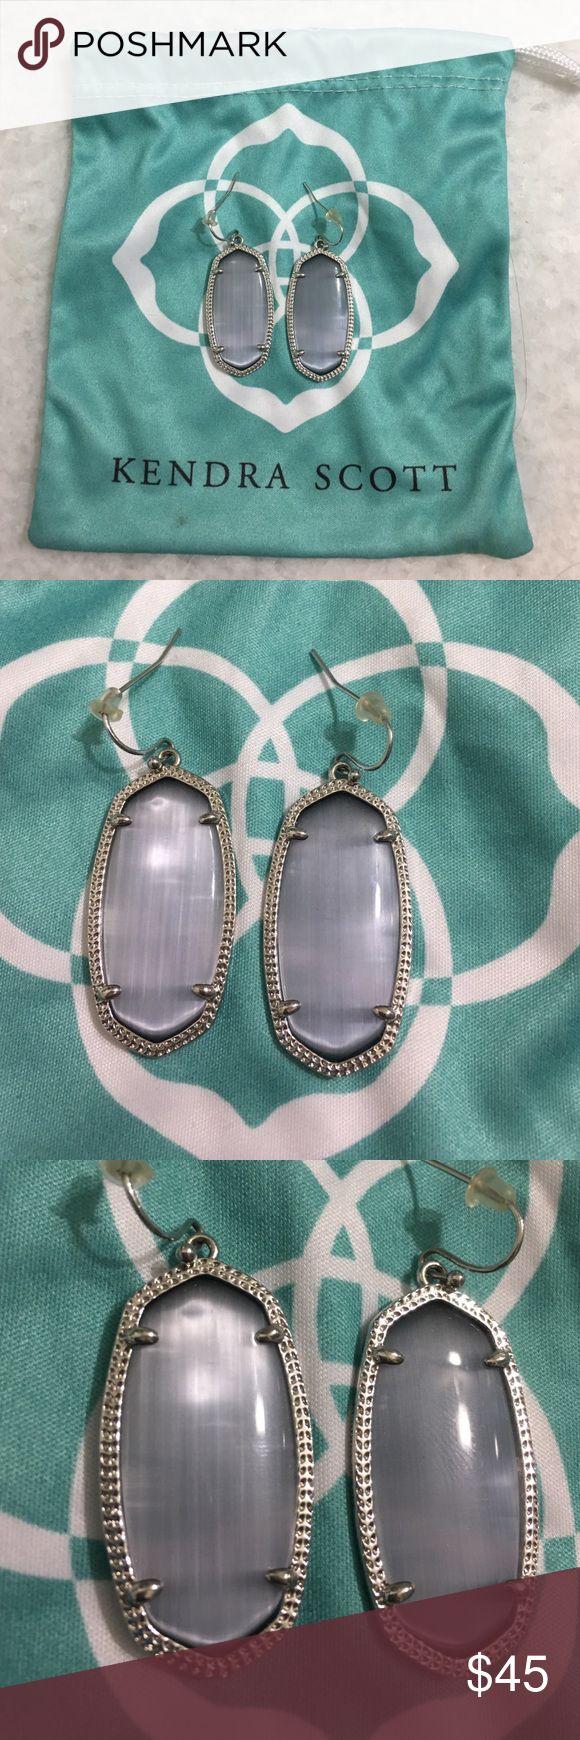 Kendra Scott Elle Earrings Kendra Scott Elle Earrings in Slate Cats Eye/Silver. Coloring goes with any attire you want to add silver earrings. Kendra Scott Jewelry Earrings